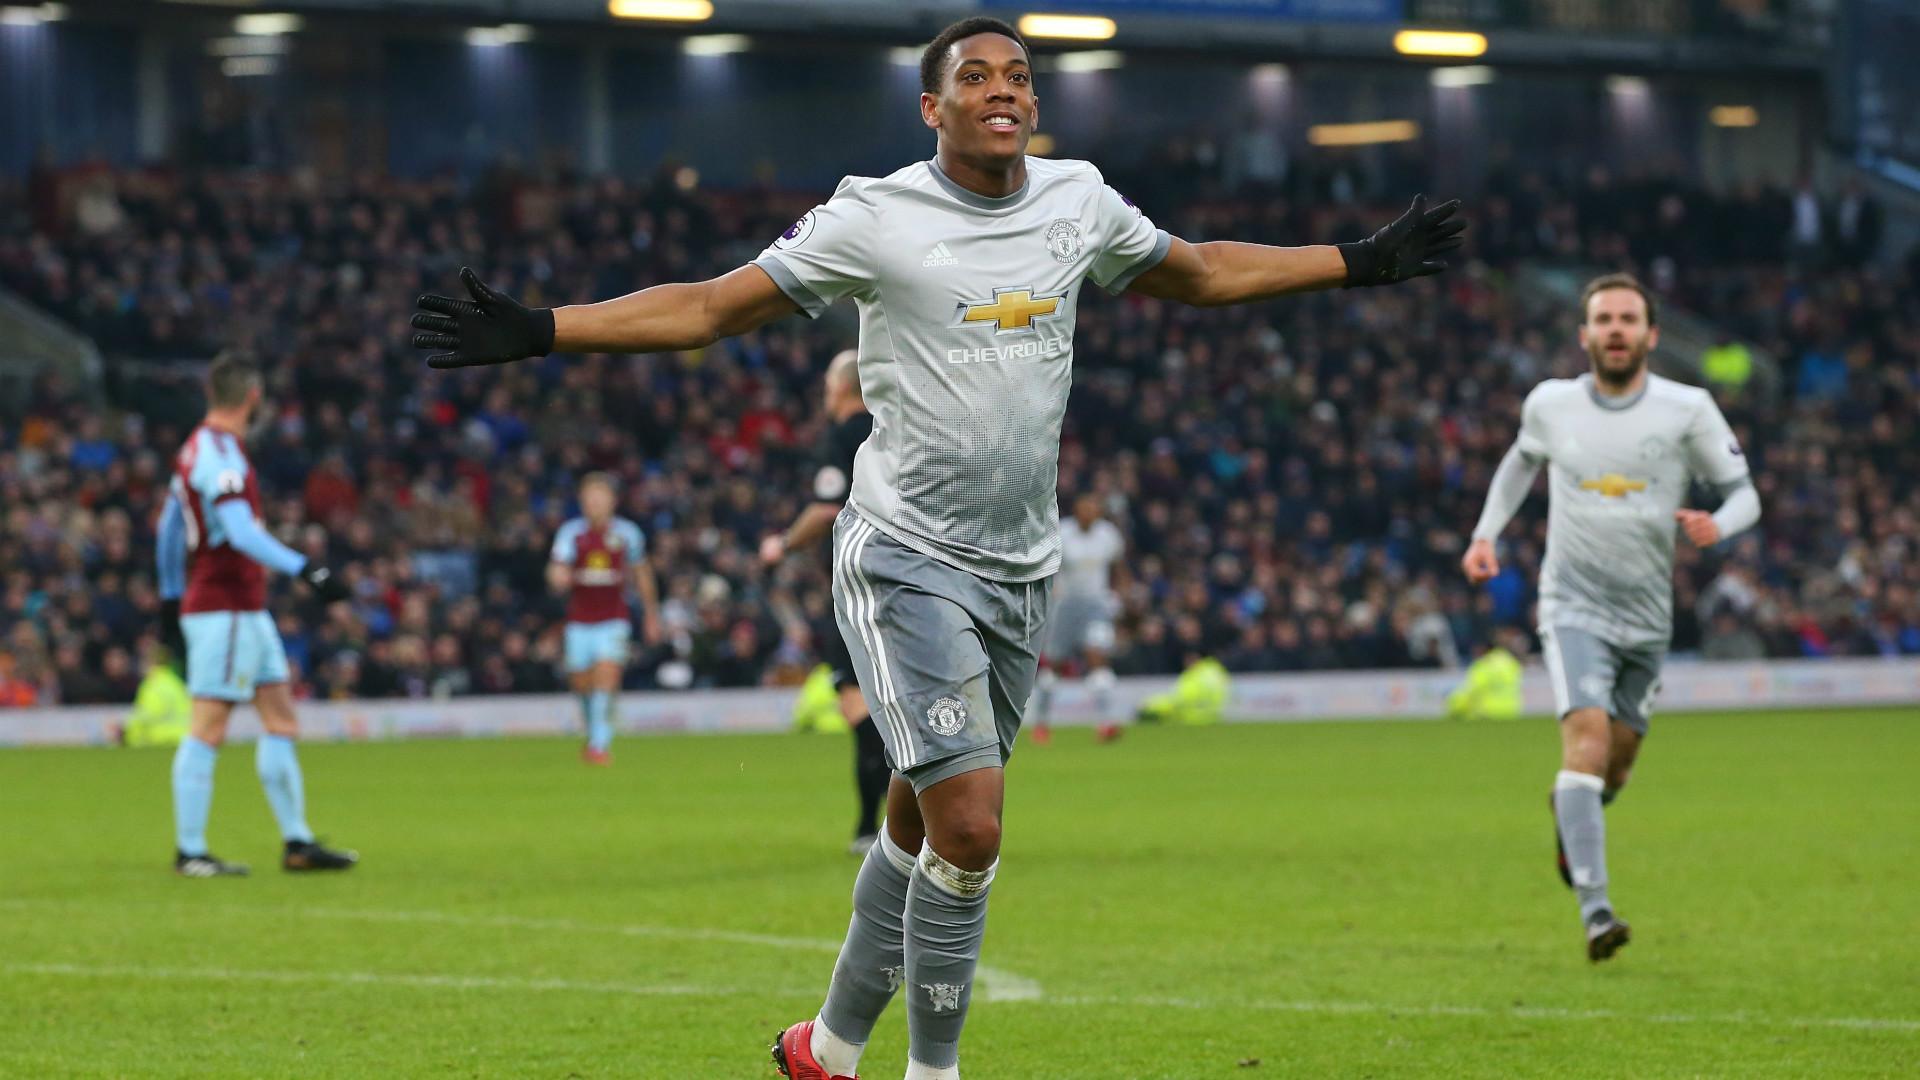 Burnley 0 Manchester United 1 Martial Keeps Up Winning Run